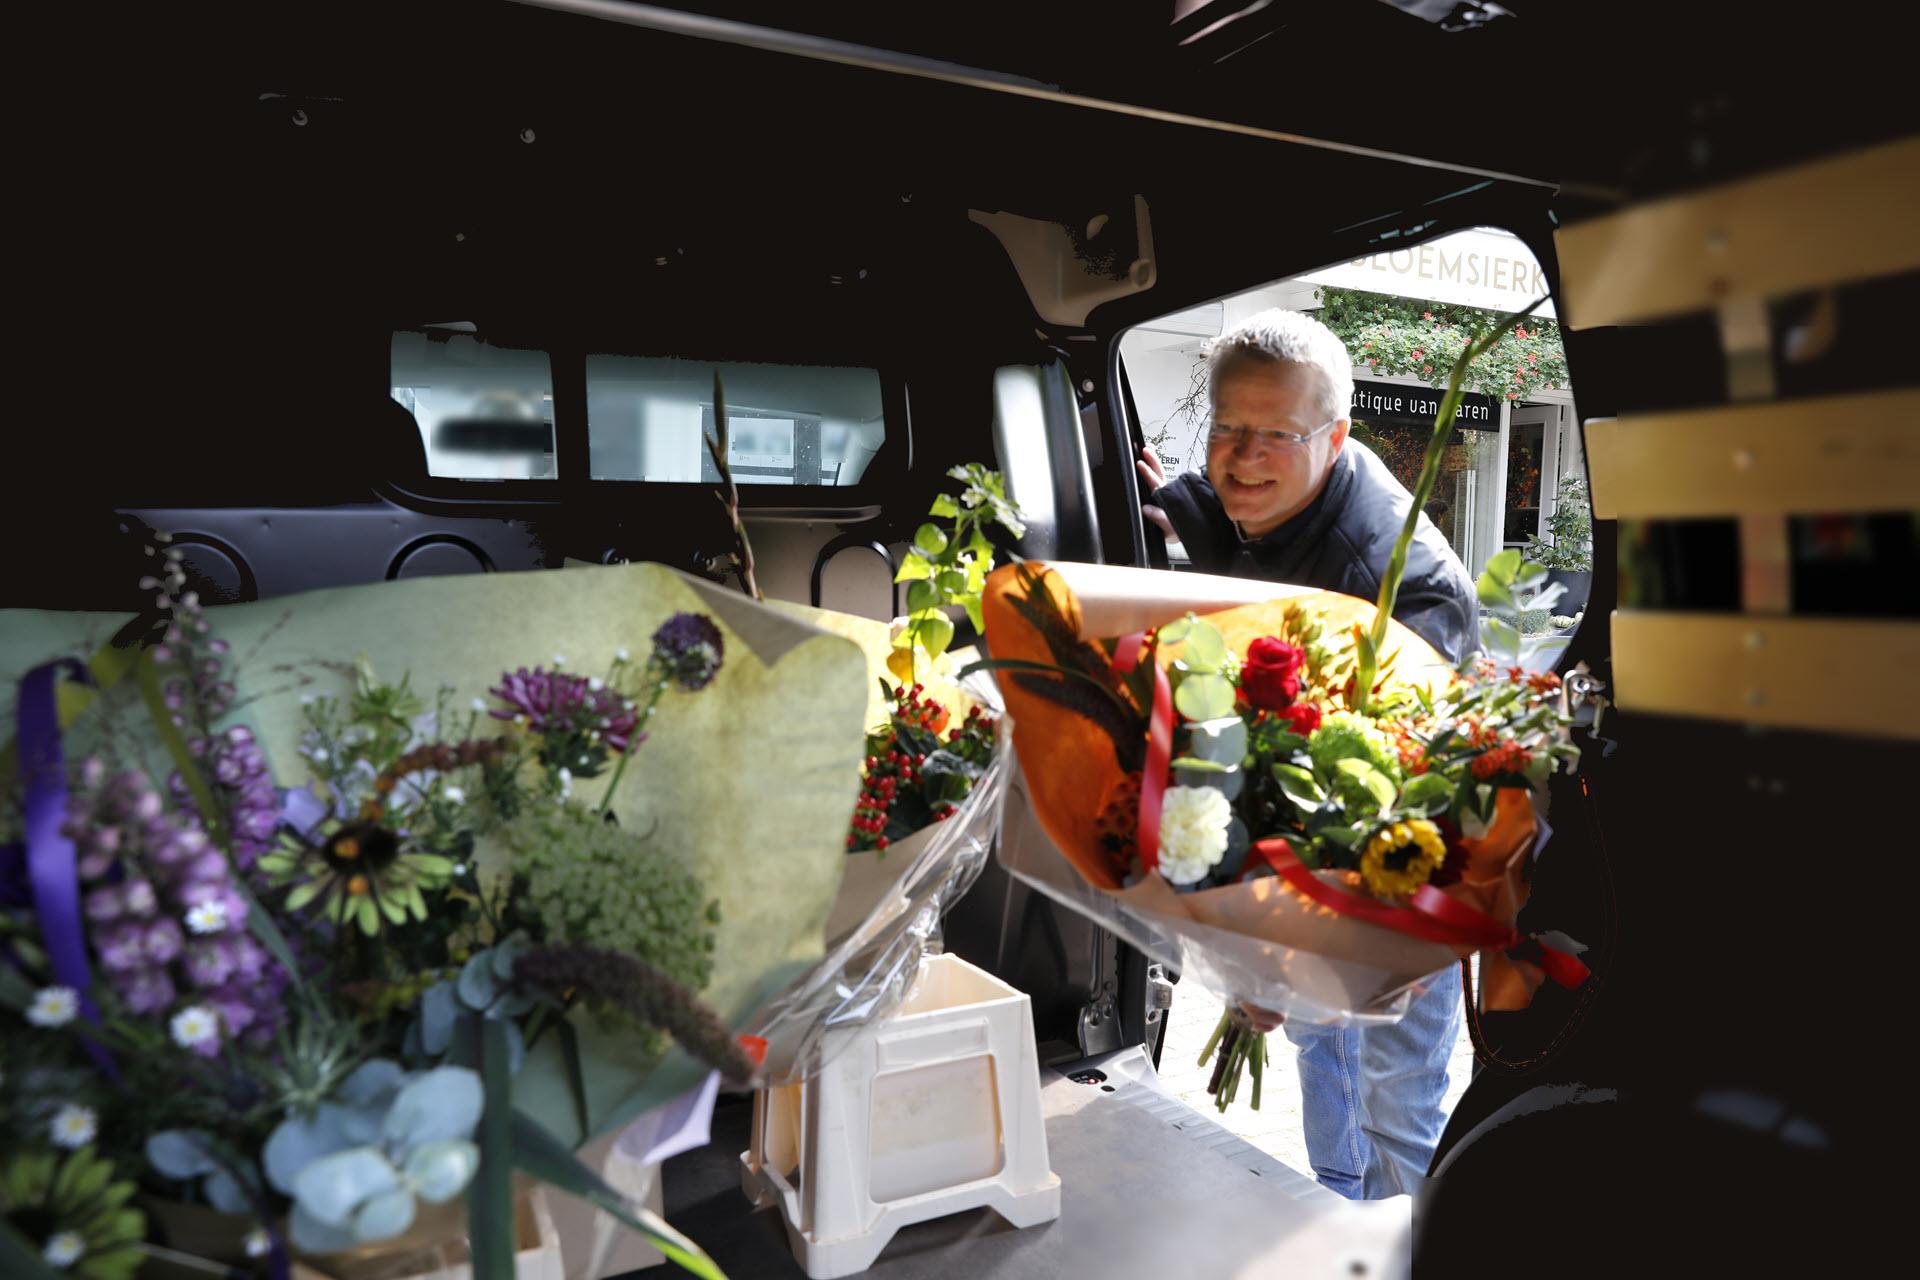 Bloemsierkunst Groeneveld bloemist in Haren / Groningen sinds 1973